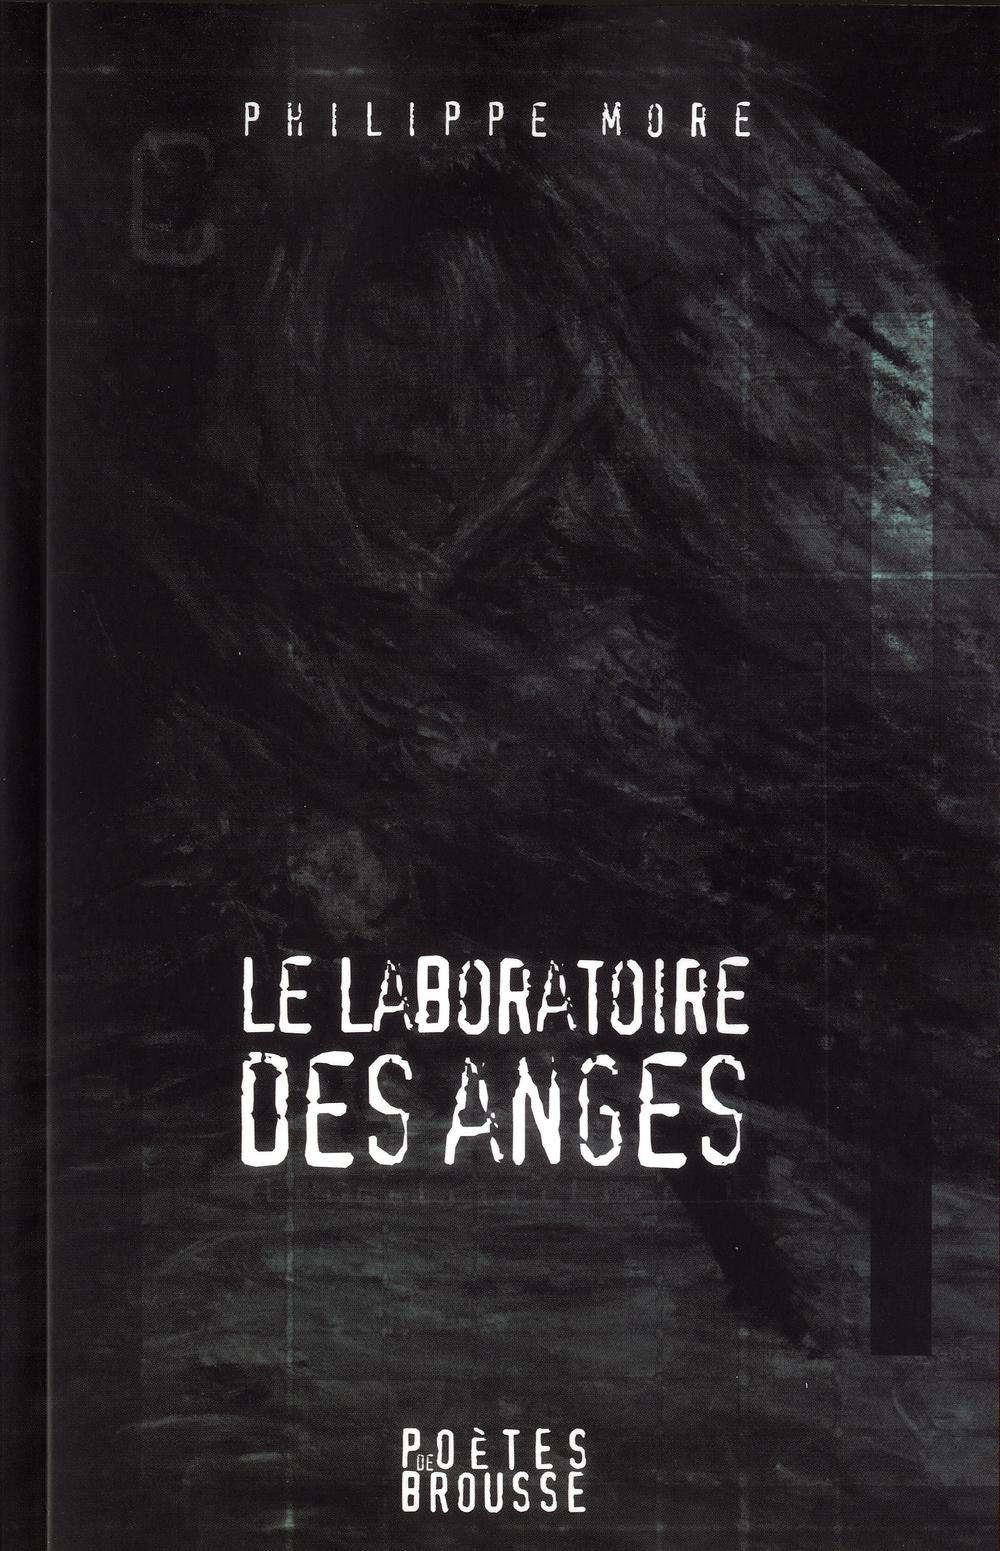 Le laboratoire des anges